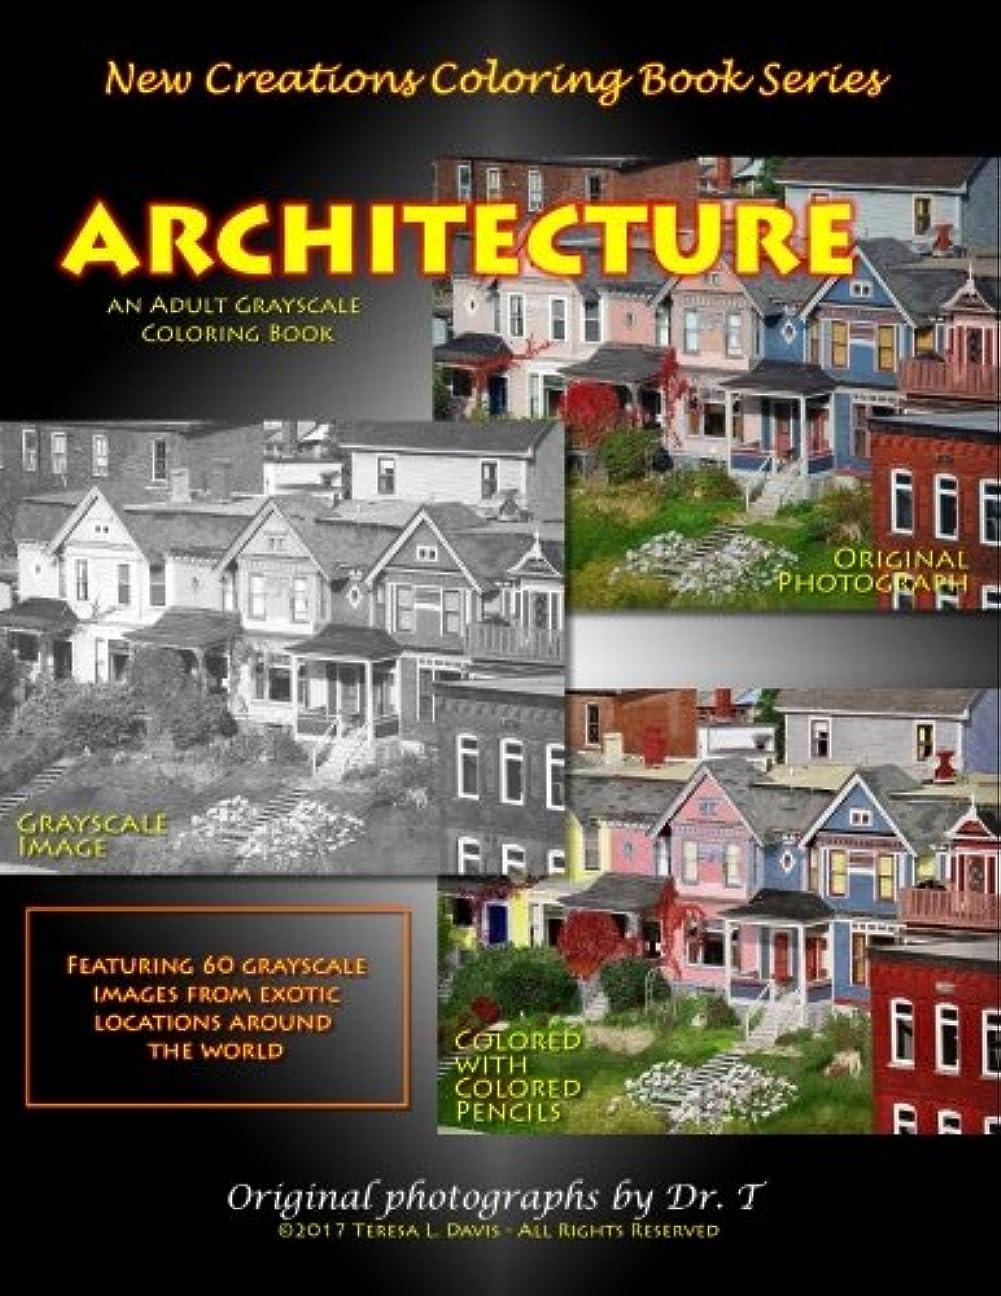 場合雑草器官New Creations Coloring Book Series: Architecture